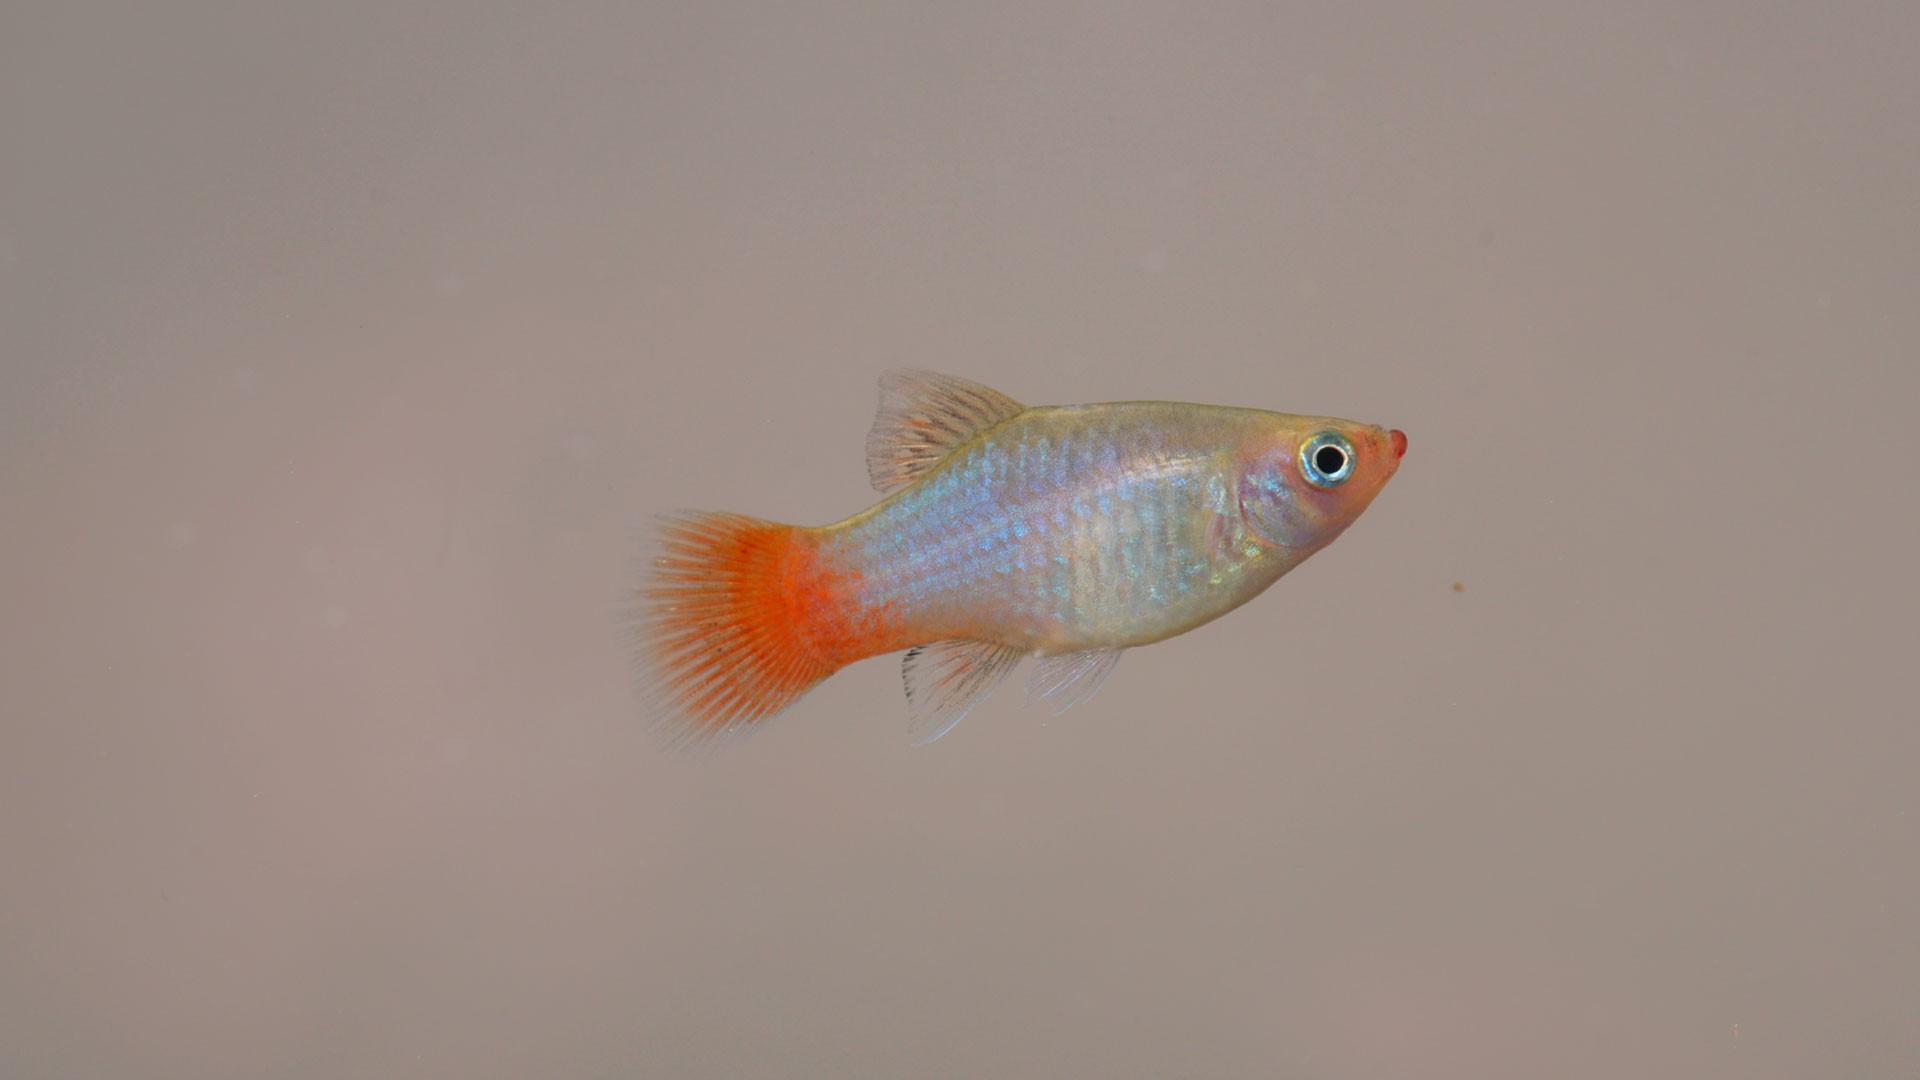 Butterfly splitfin